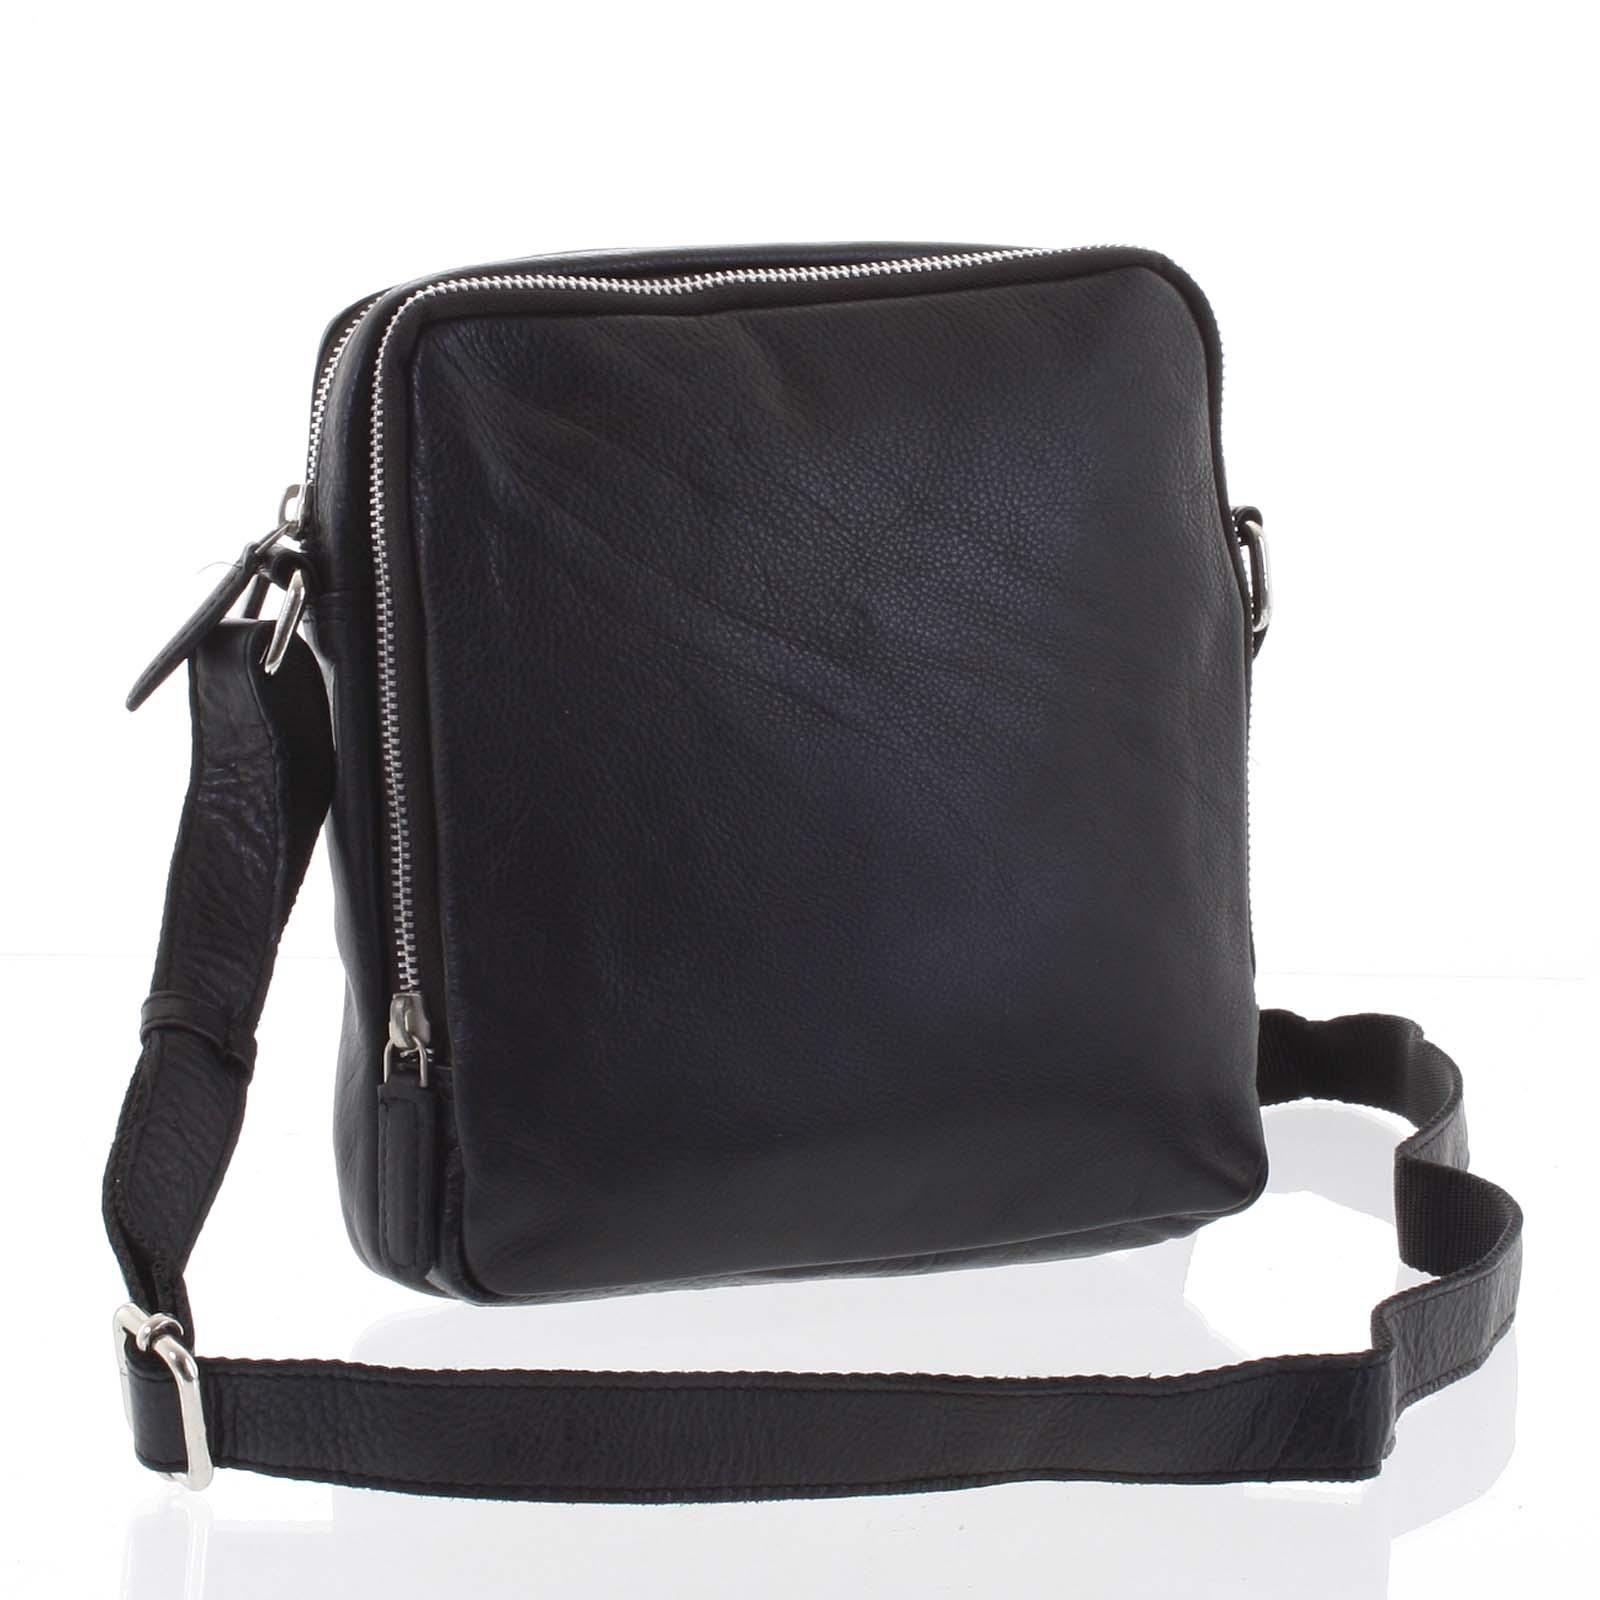 Ľahká praktická kožená čierna crossbody taška - Tomas Linive